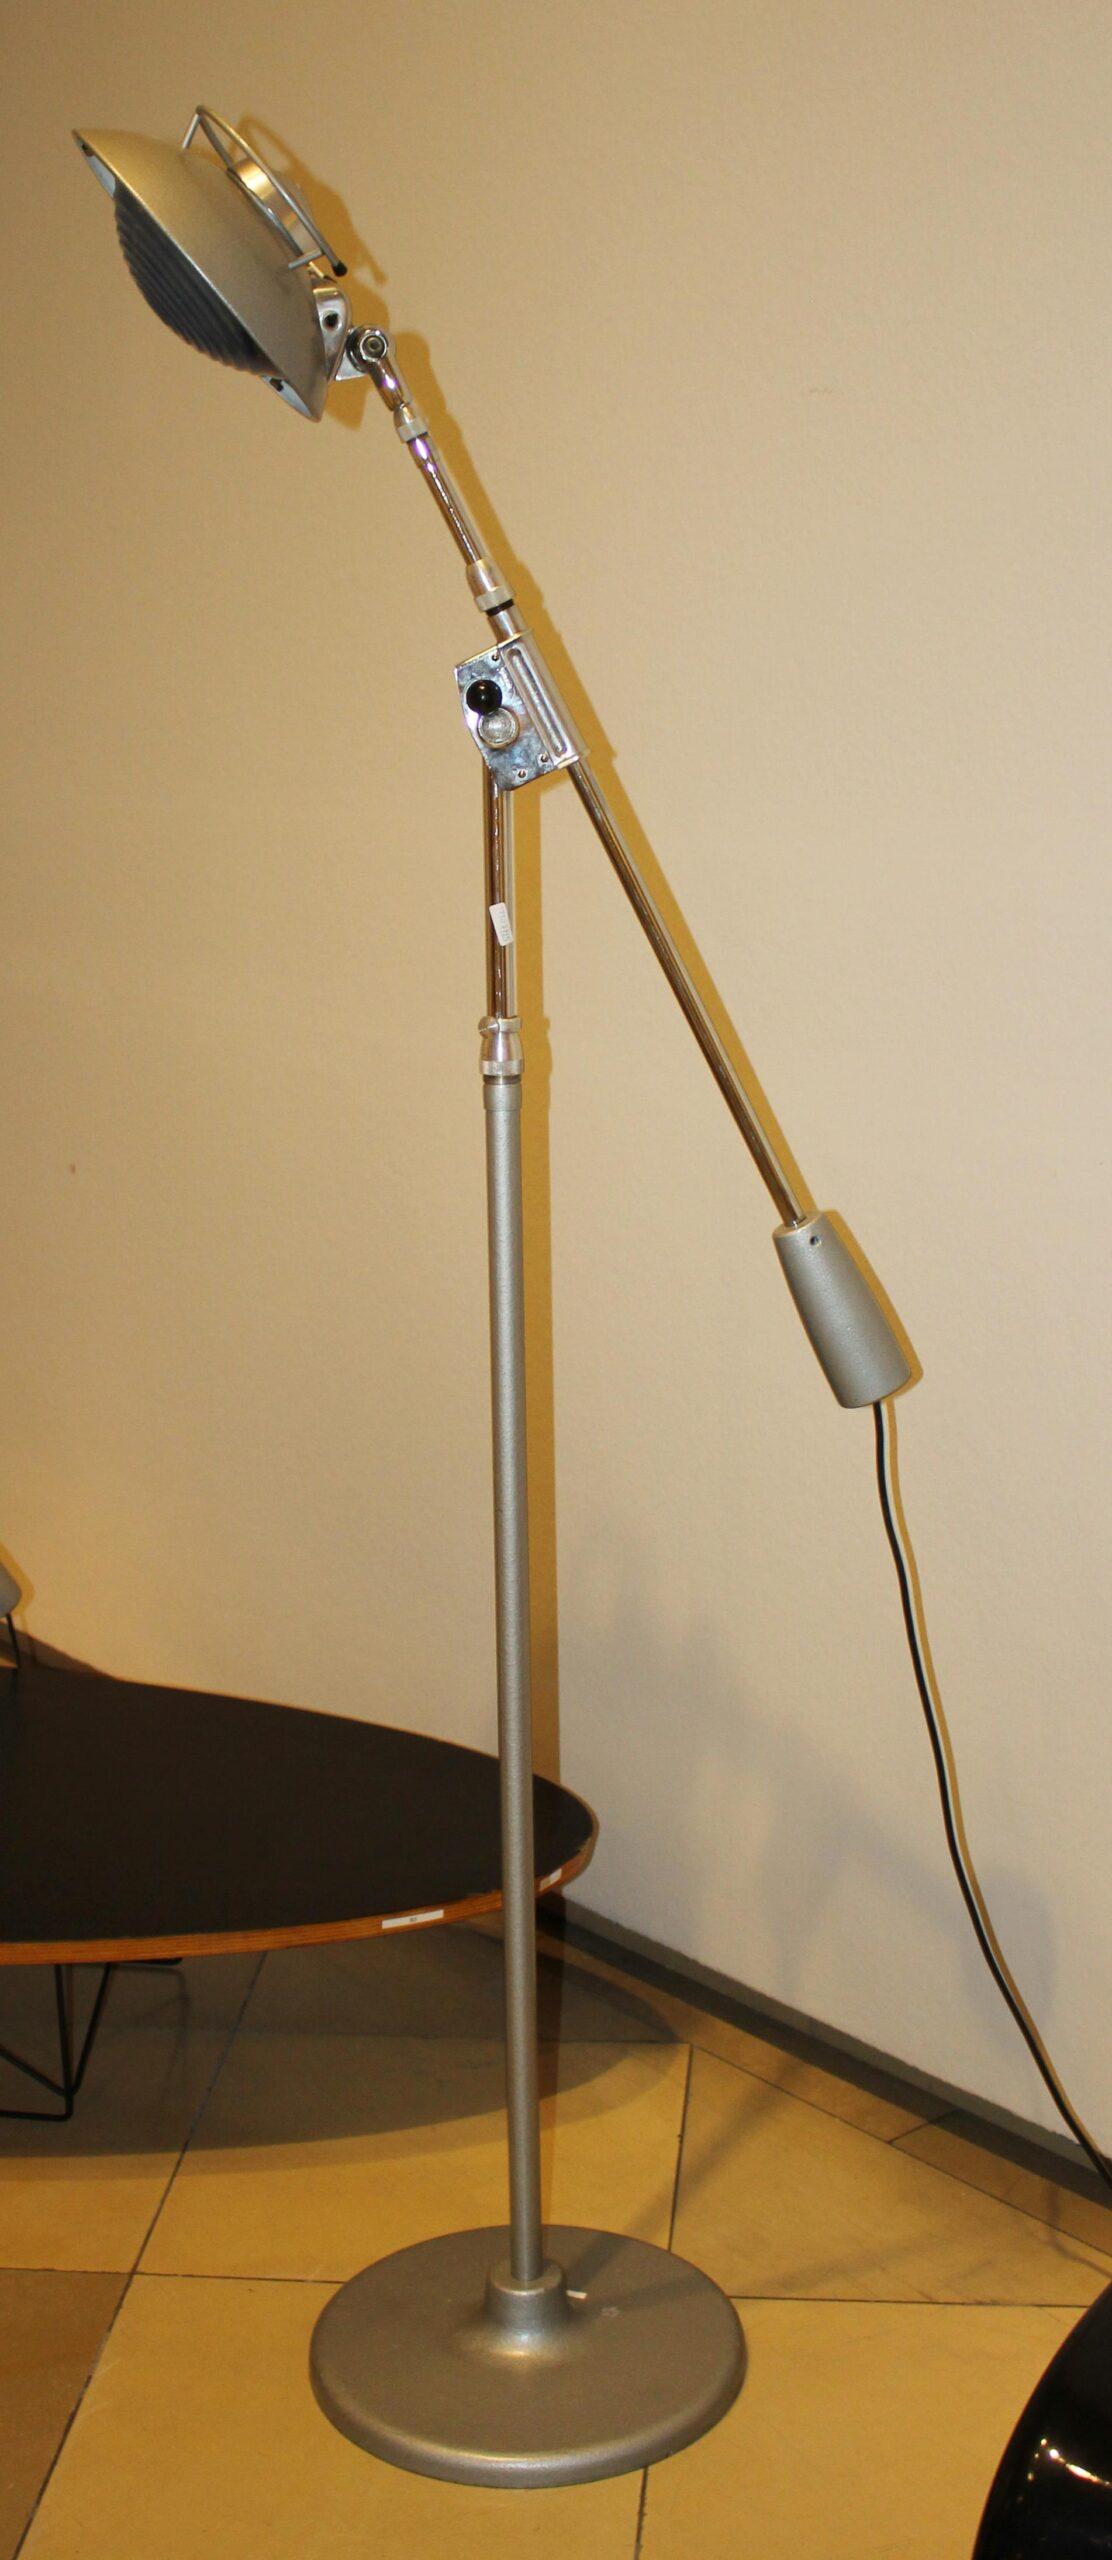 Full Size of Stehlampe Modern Stehleuchte Im Industriedesign Stehlampen Wohnzimmer Moderne Deckenleuchte Küche Weiss Tapete Modernes Bett 180x200 Schlafzimmer Sofa Bilder Wohnzimmer Stehlampe Modern